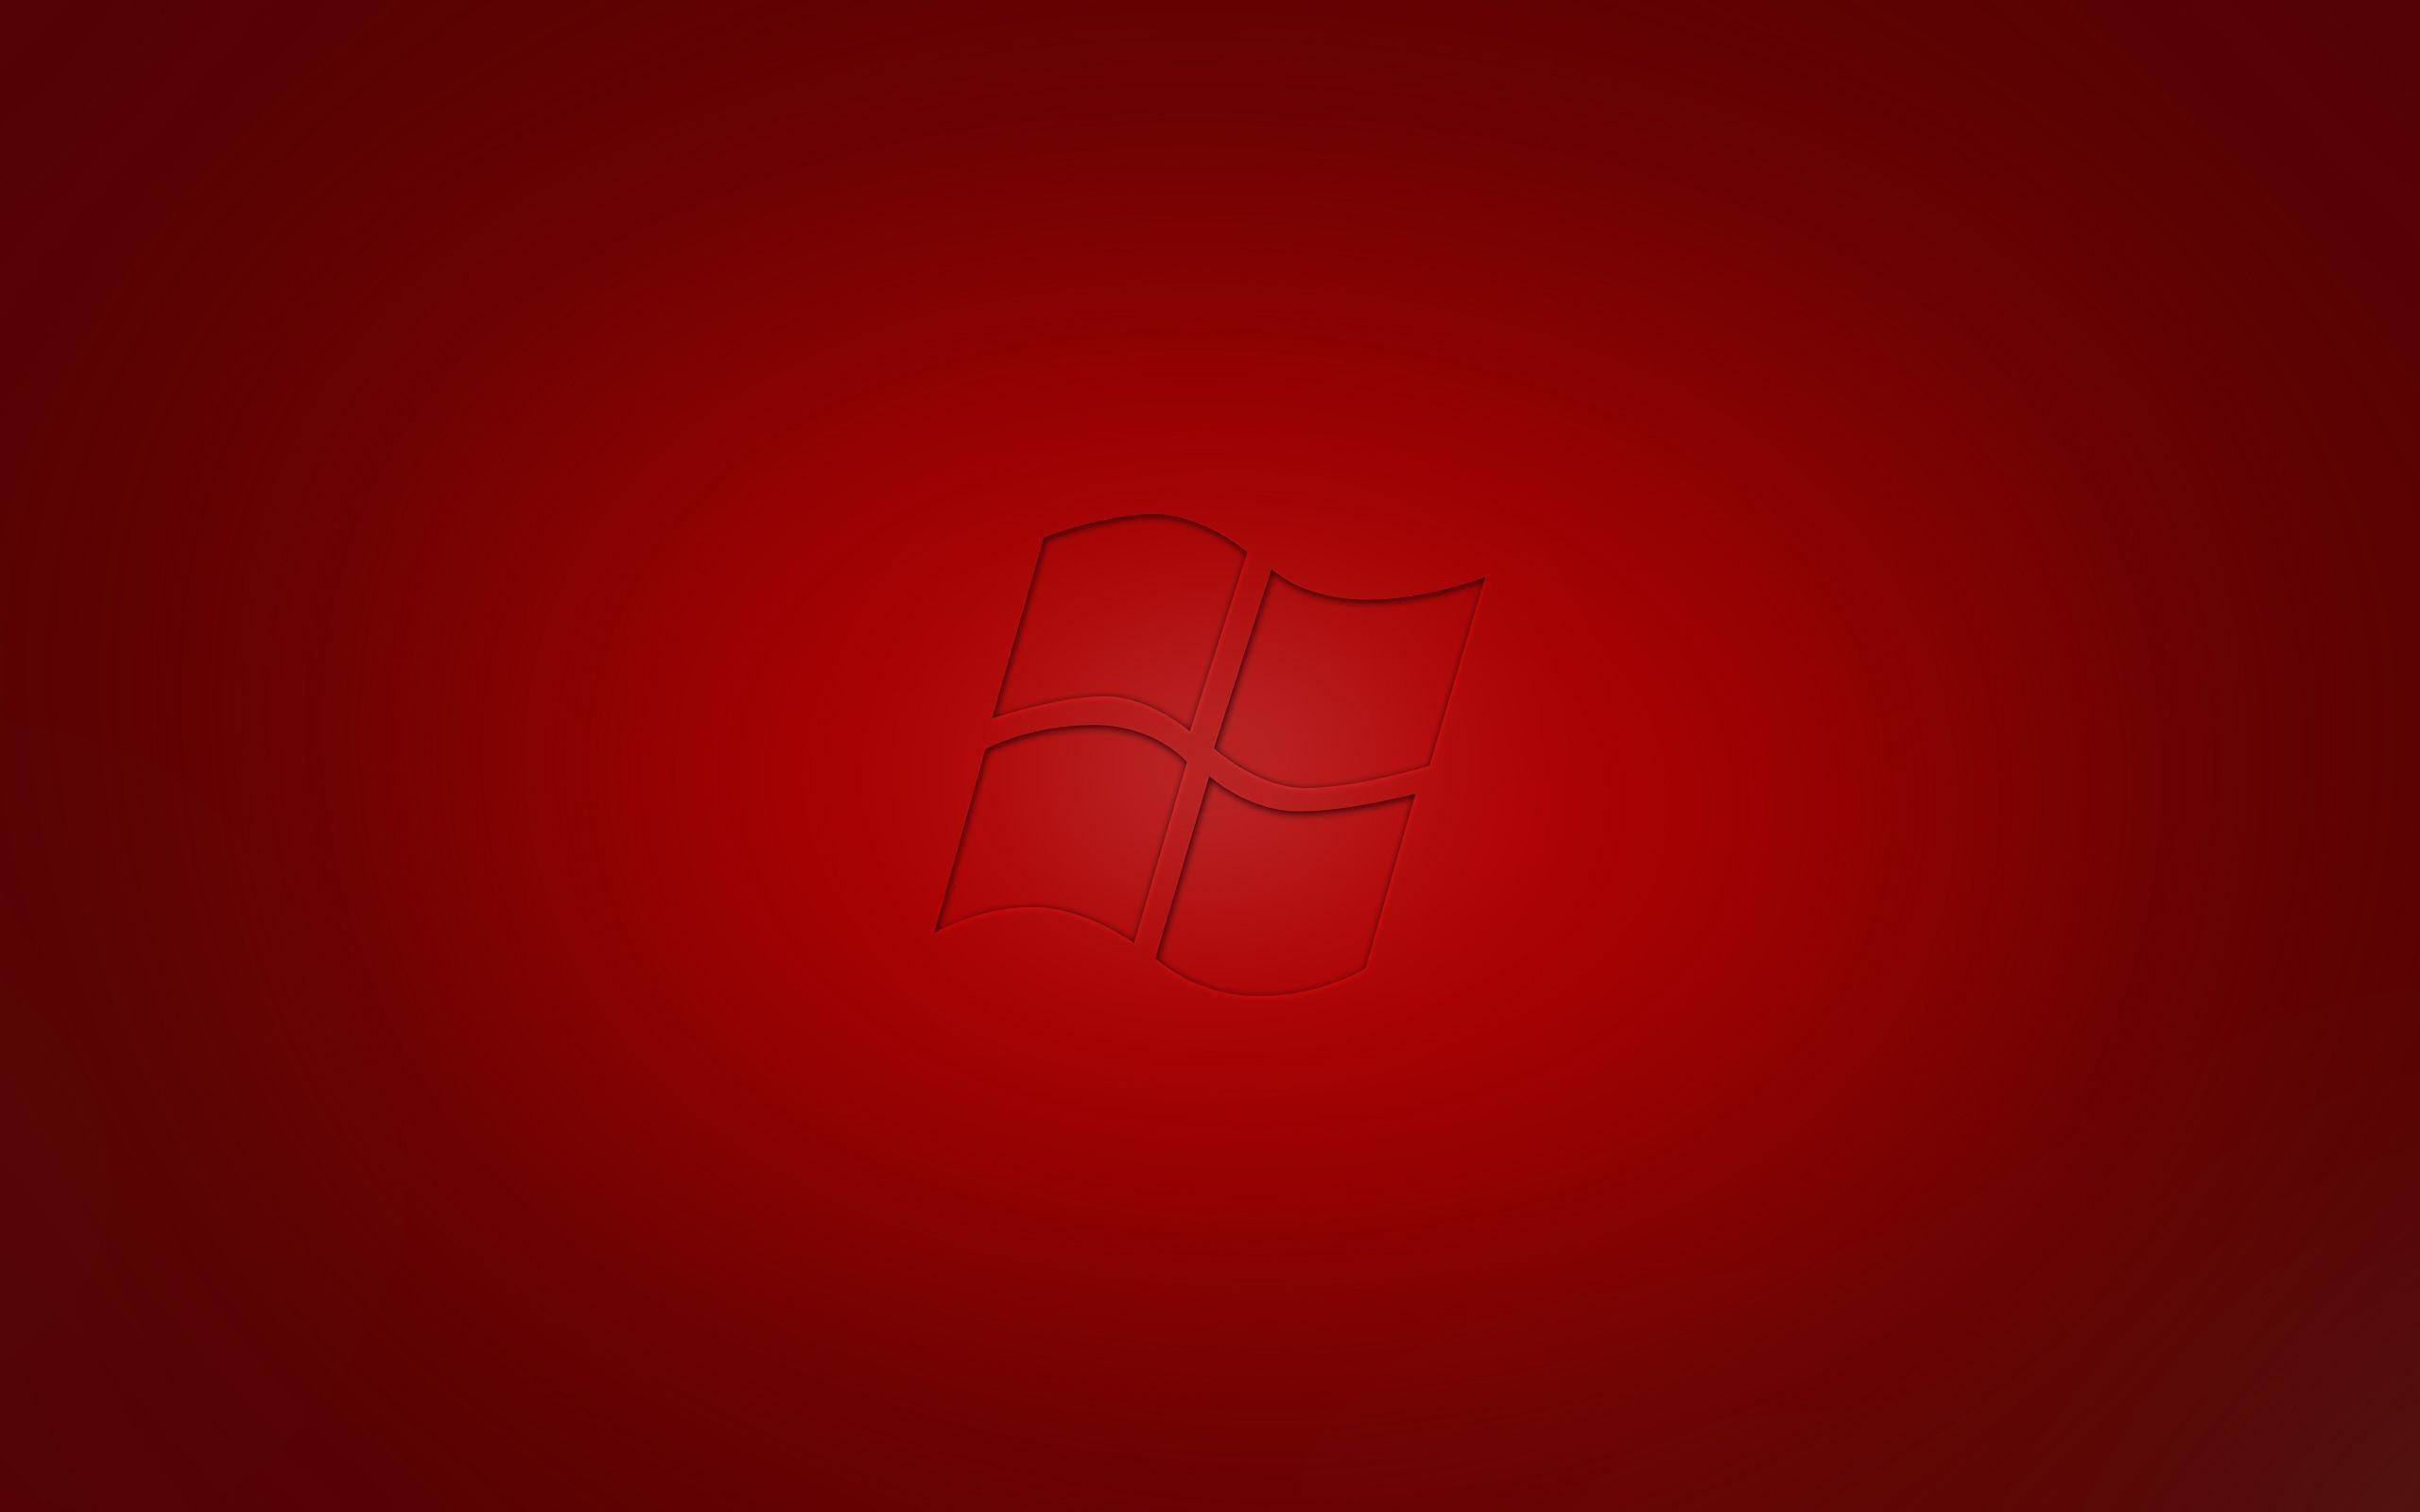 بالصور خلفية حمراء , اجمل الخلفيات الخلفيات الحمراء 1457 9